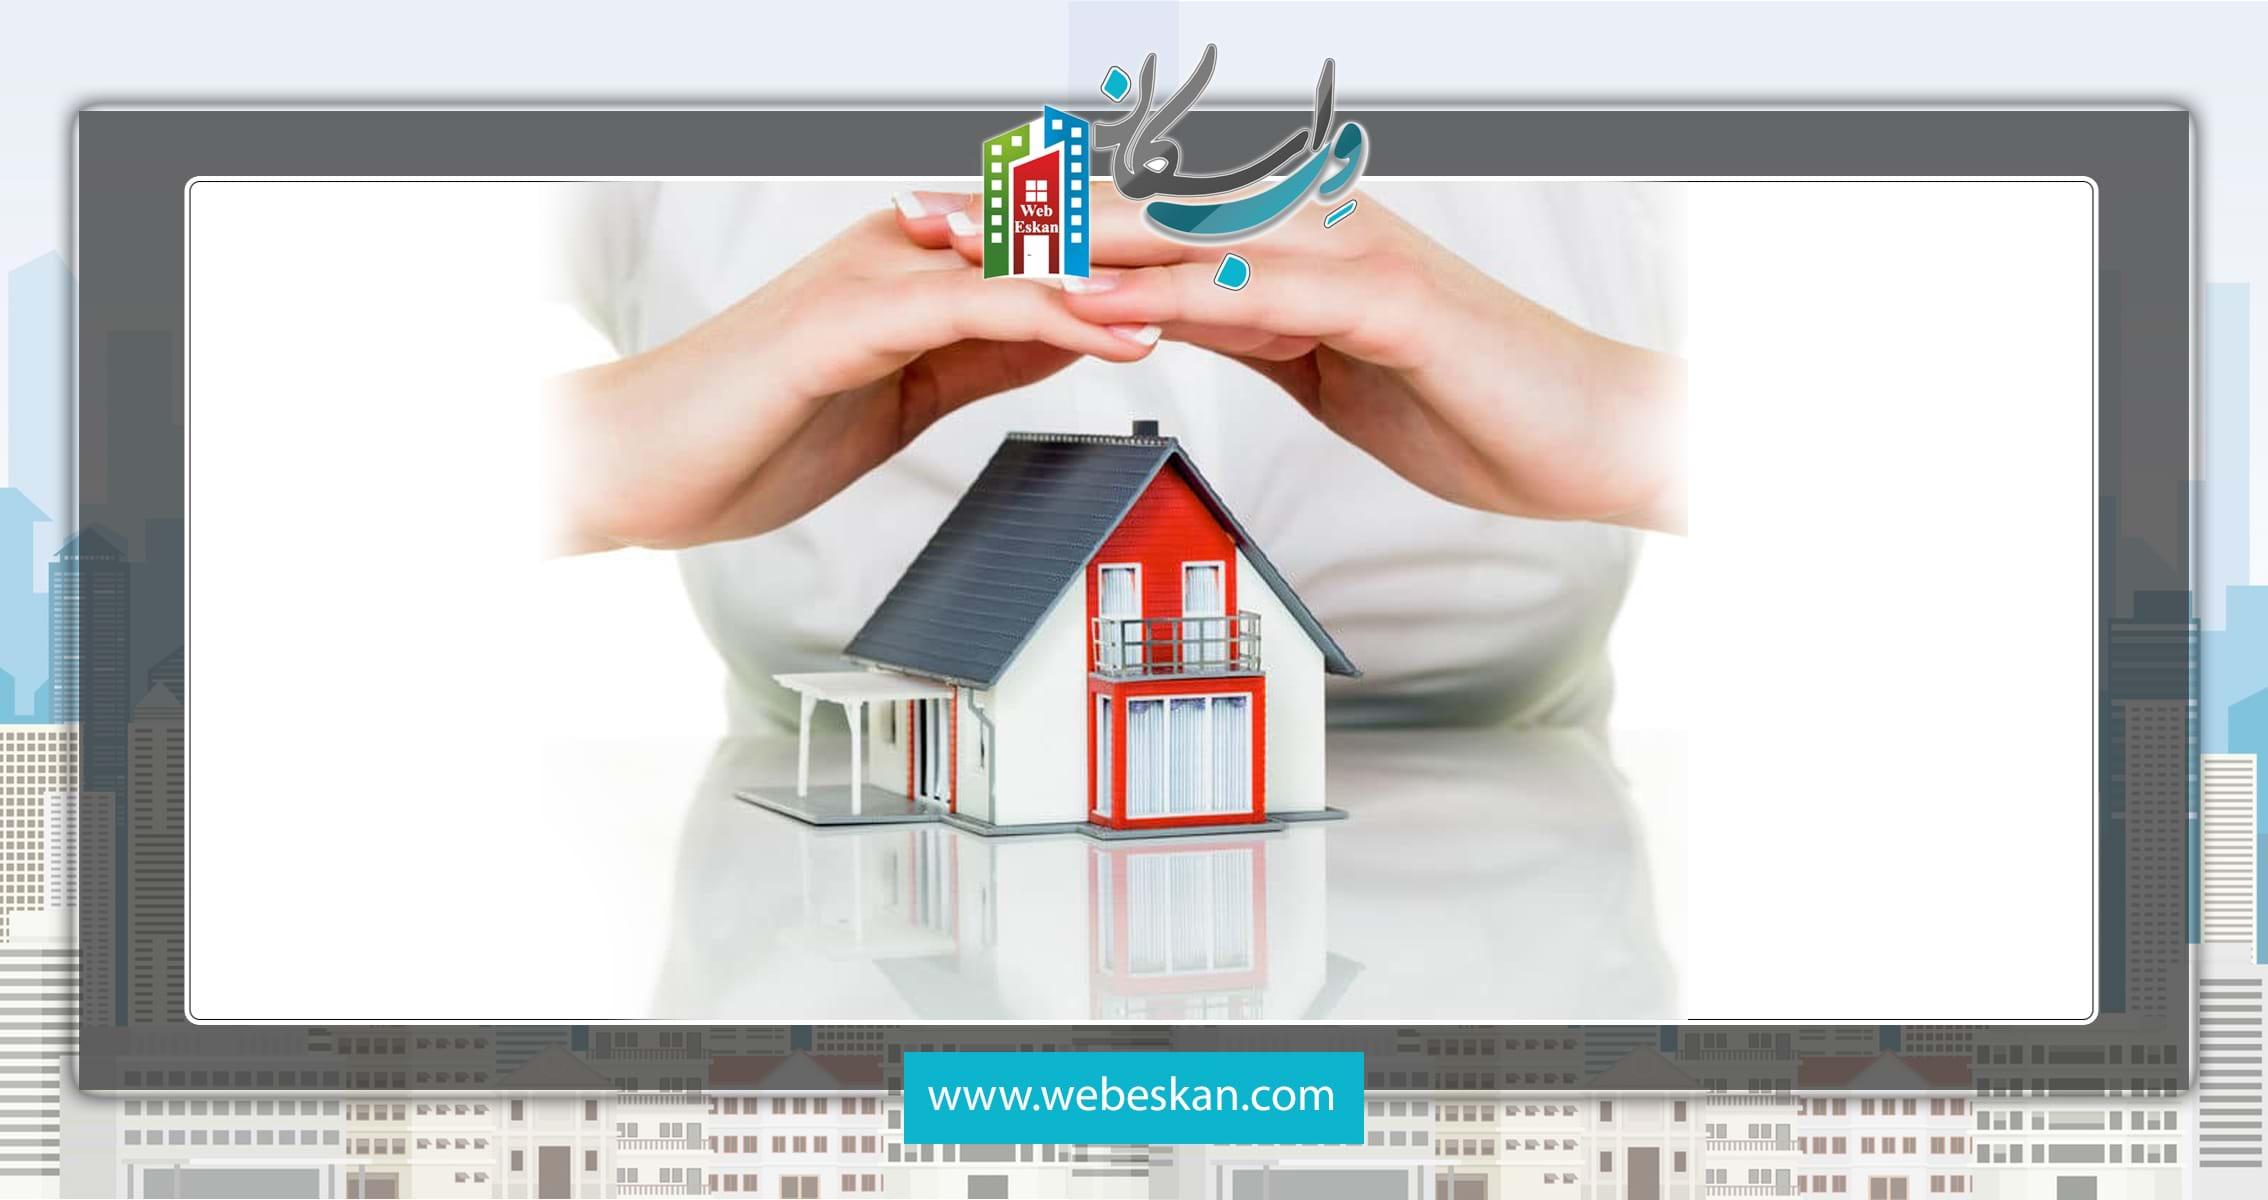 حفظ وارتقای امنیت مجتمع مسکونی تجاری واداری